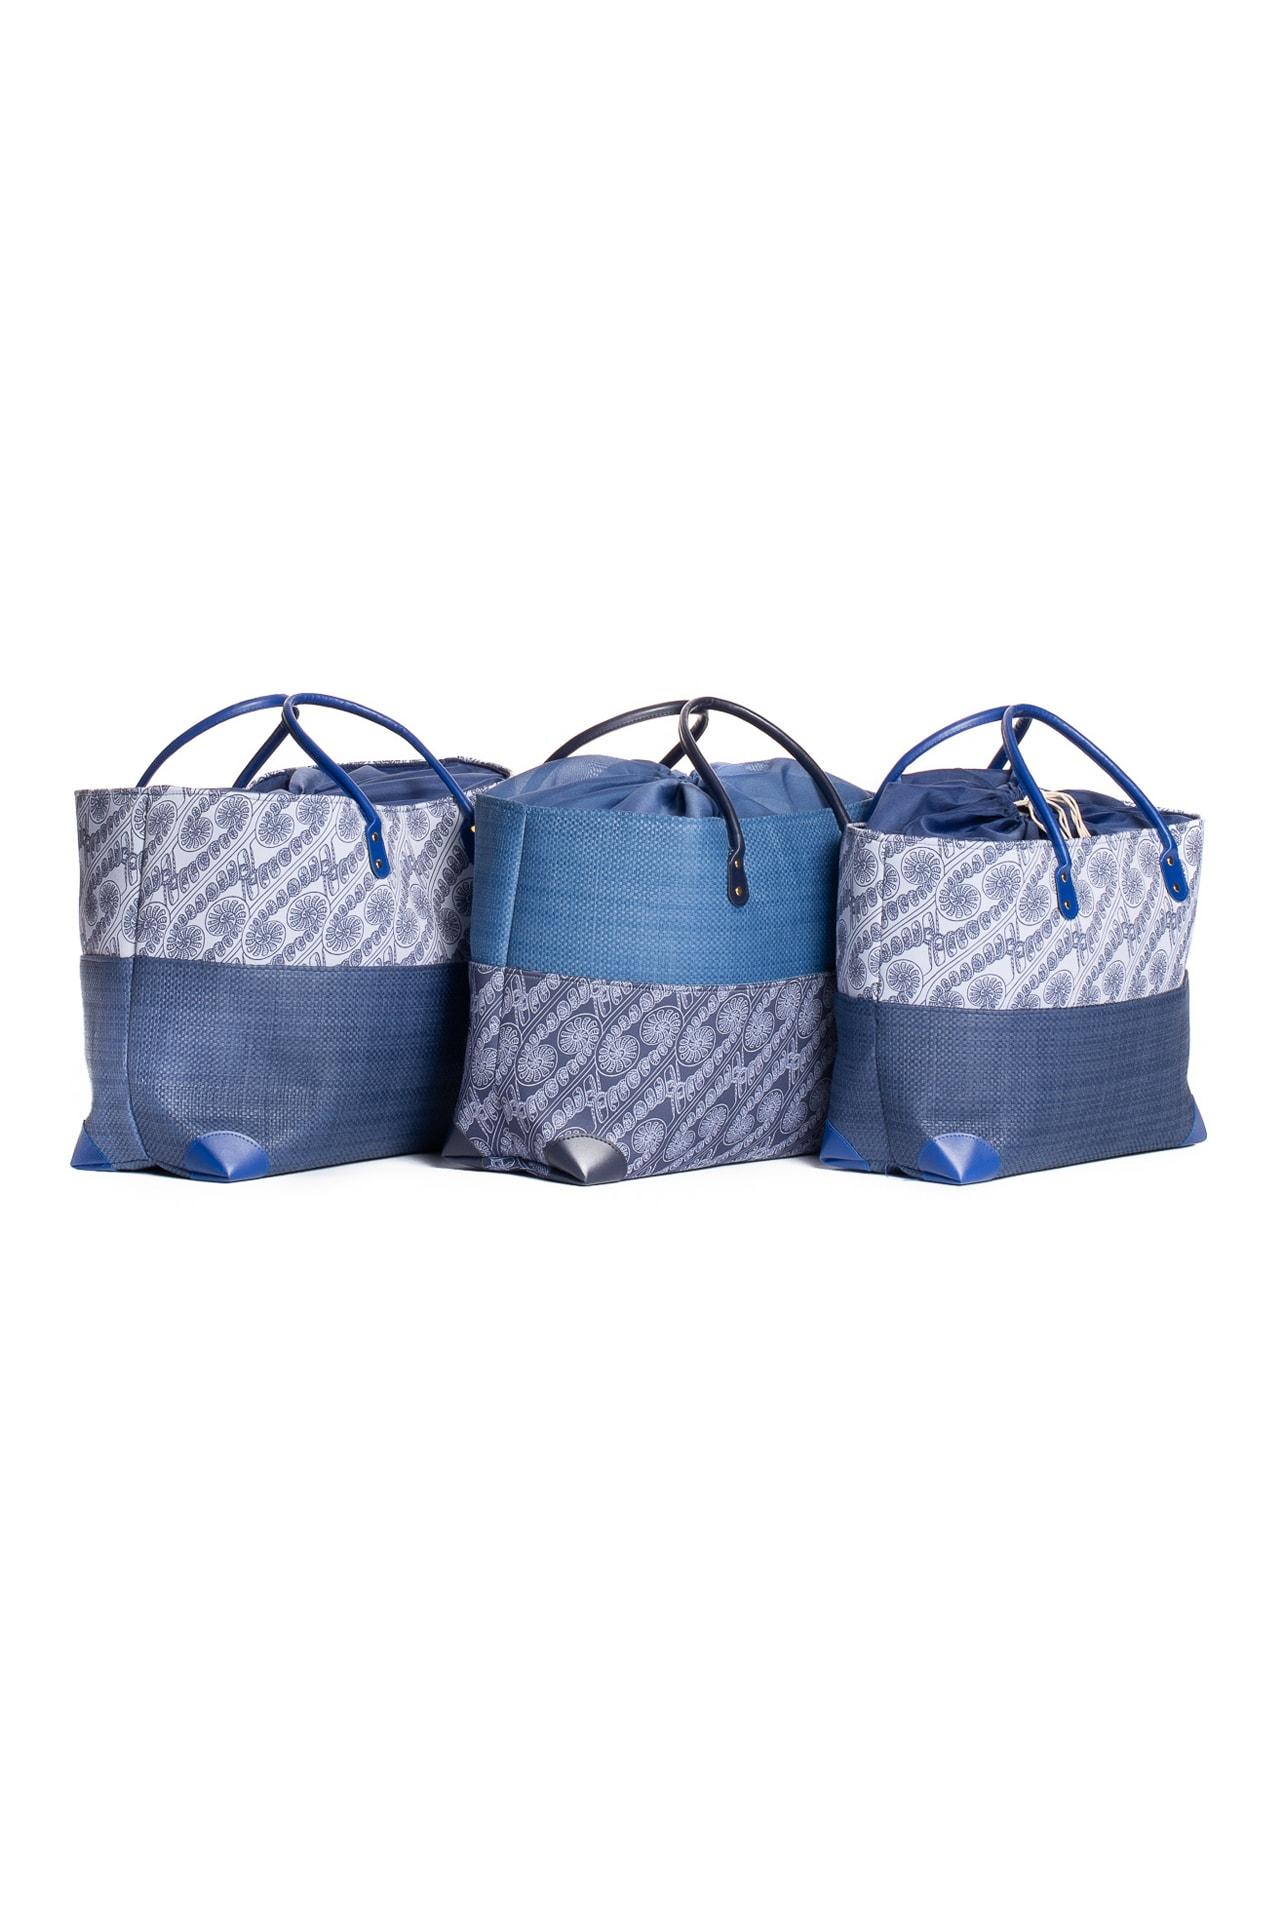 Hula Trio Bag Set in Blue Amau